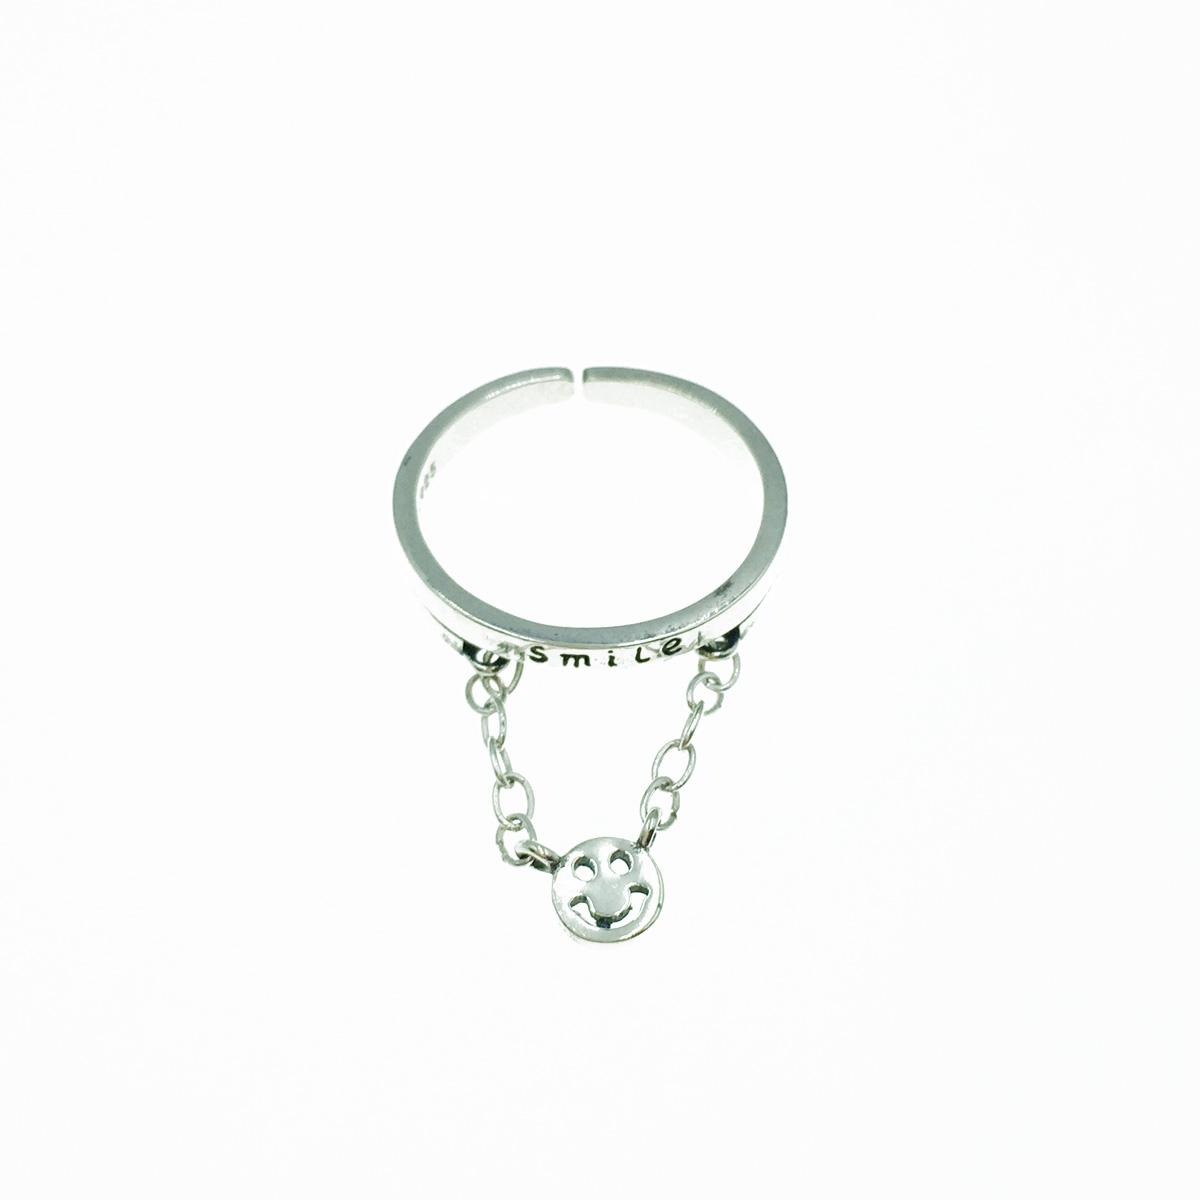 韓國 925純銀 smile 笑臉鍊 可調式 戒指